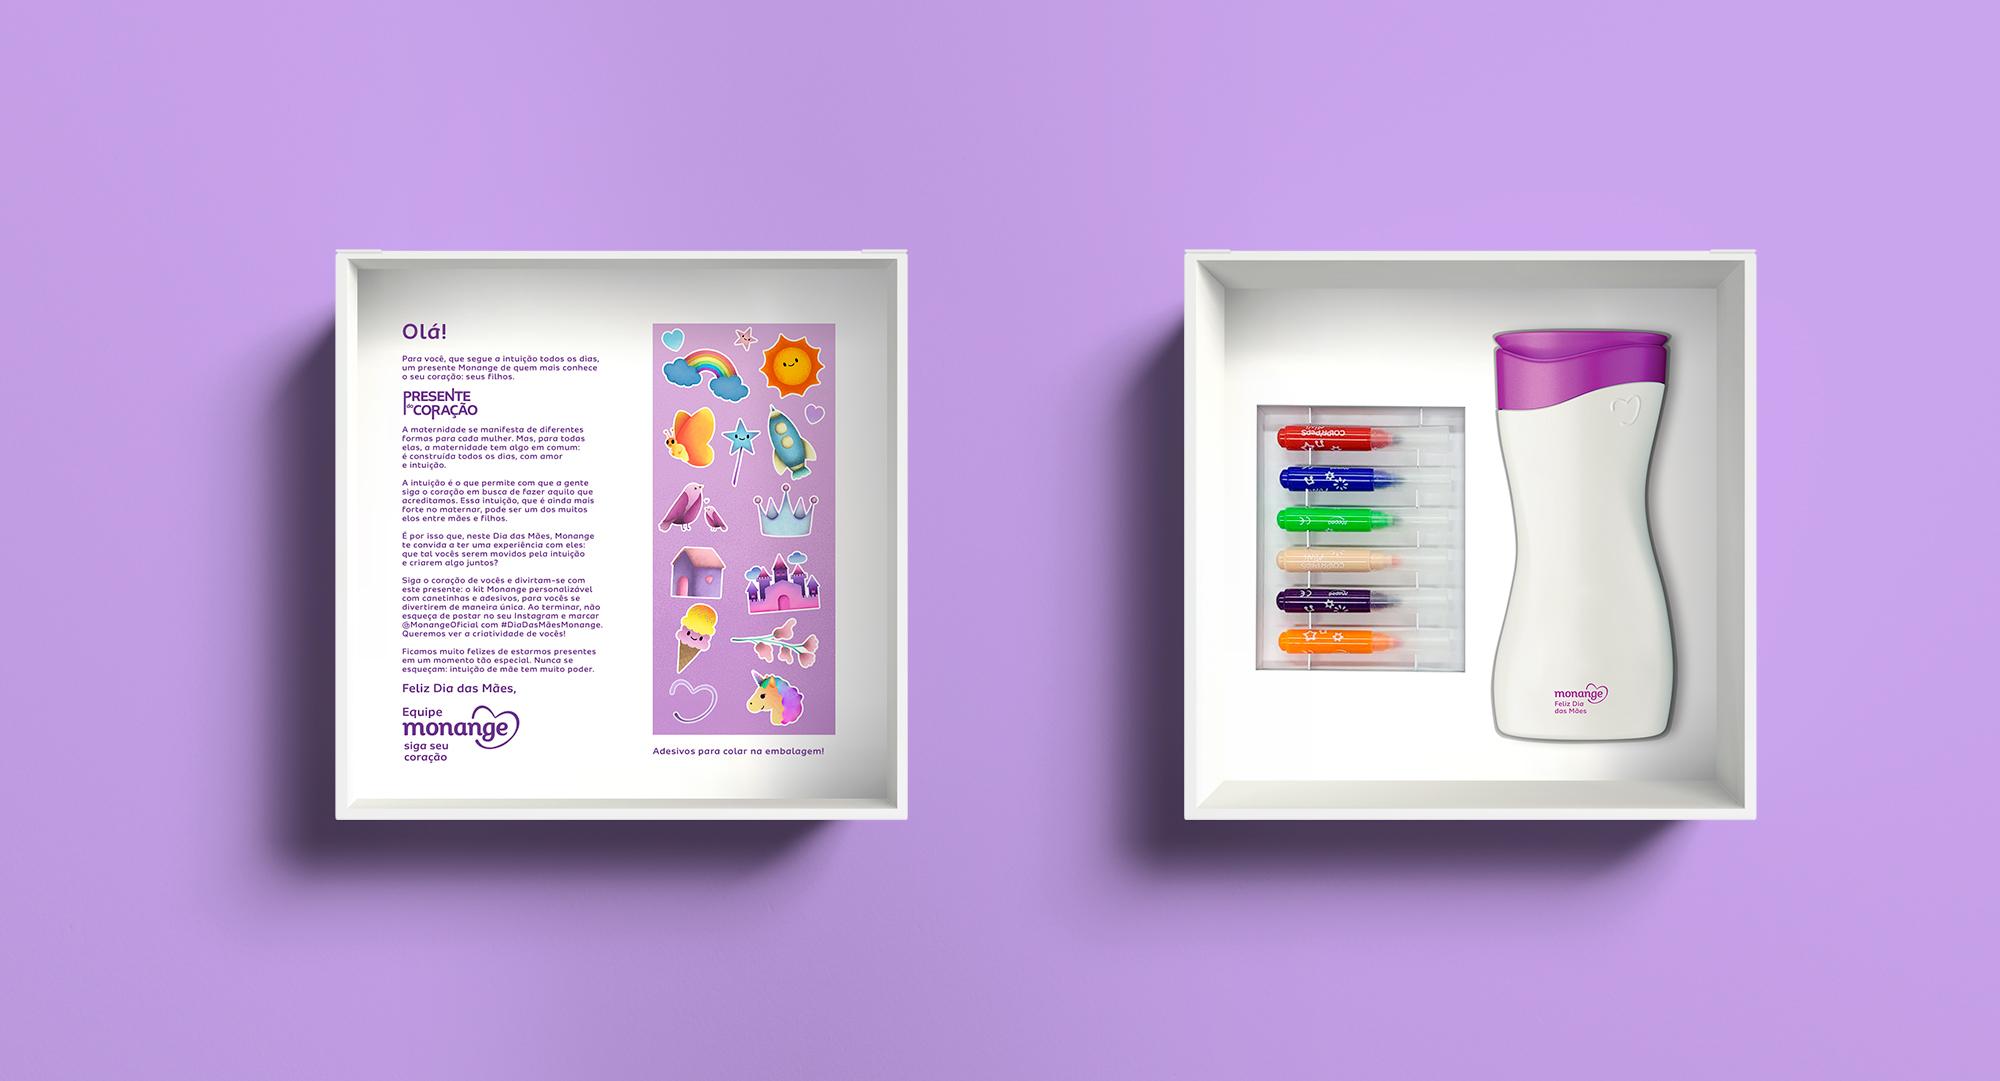 Monange cria ação Presente do Coração e presenteia influenciadoras com um hidratante personalizado pelos seus filhos